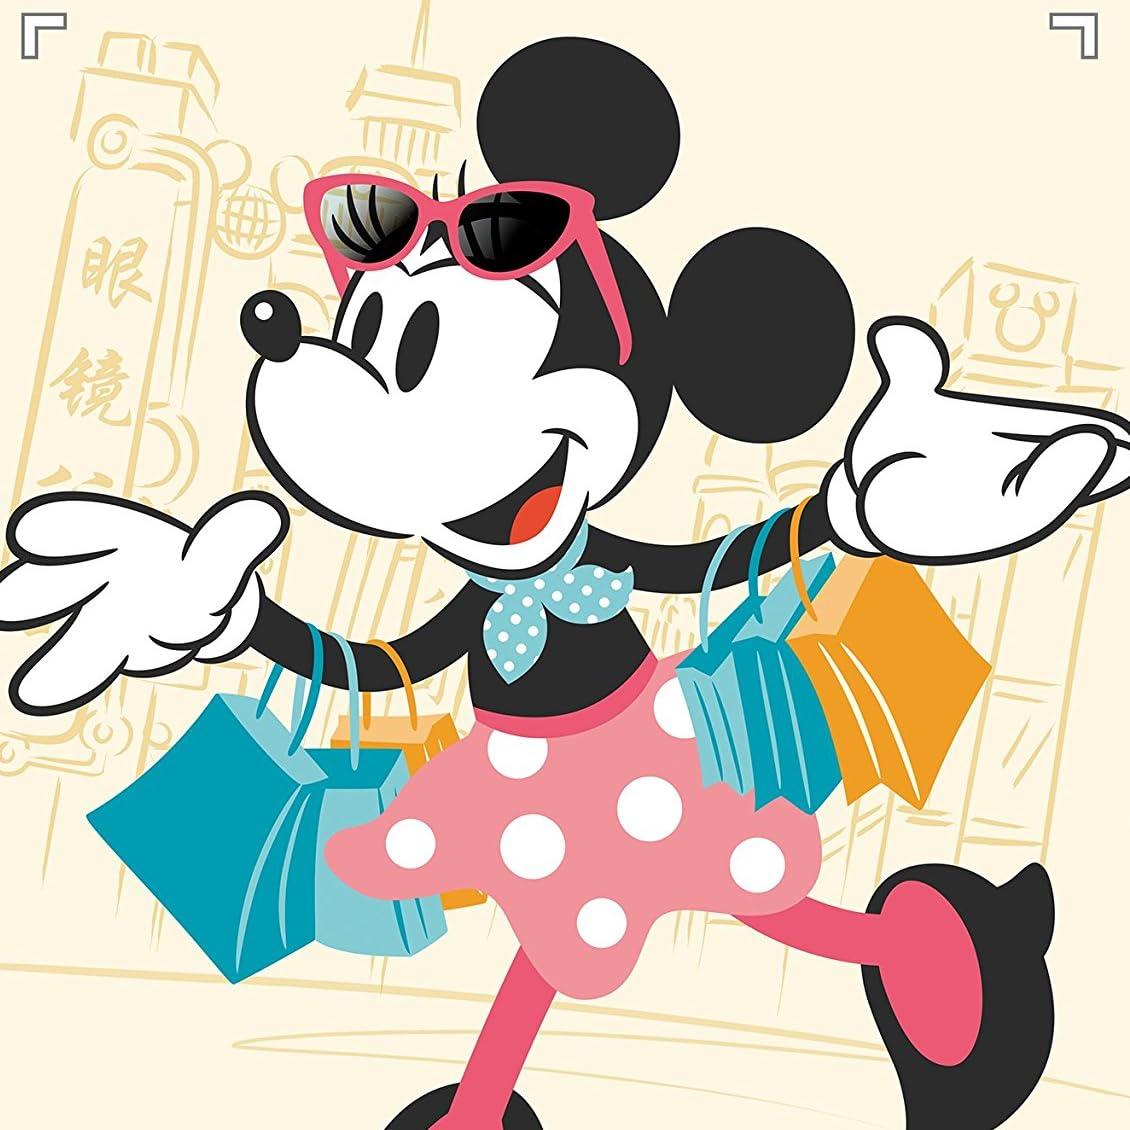 ディズニー Ipad壁紙 買い物中のミニーマウス アニメ スマホ用画像74782